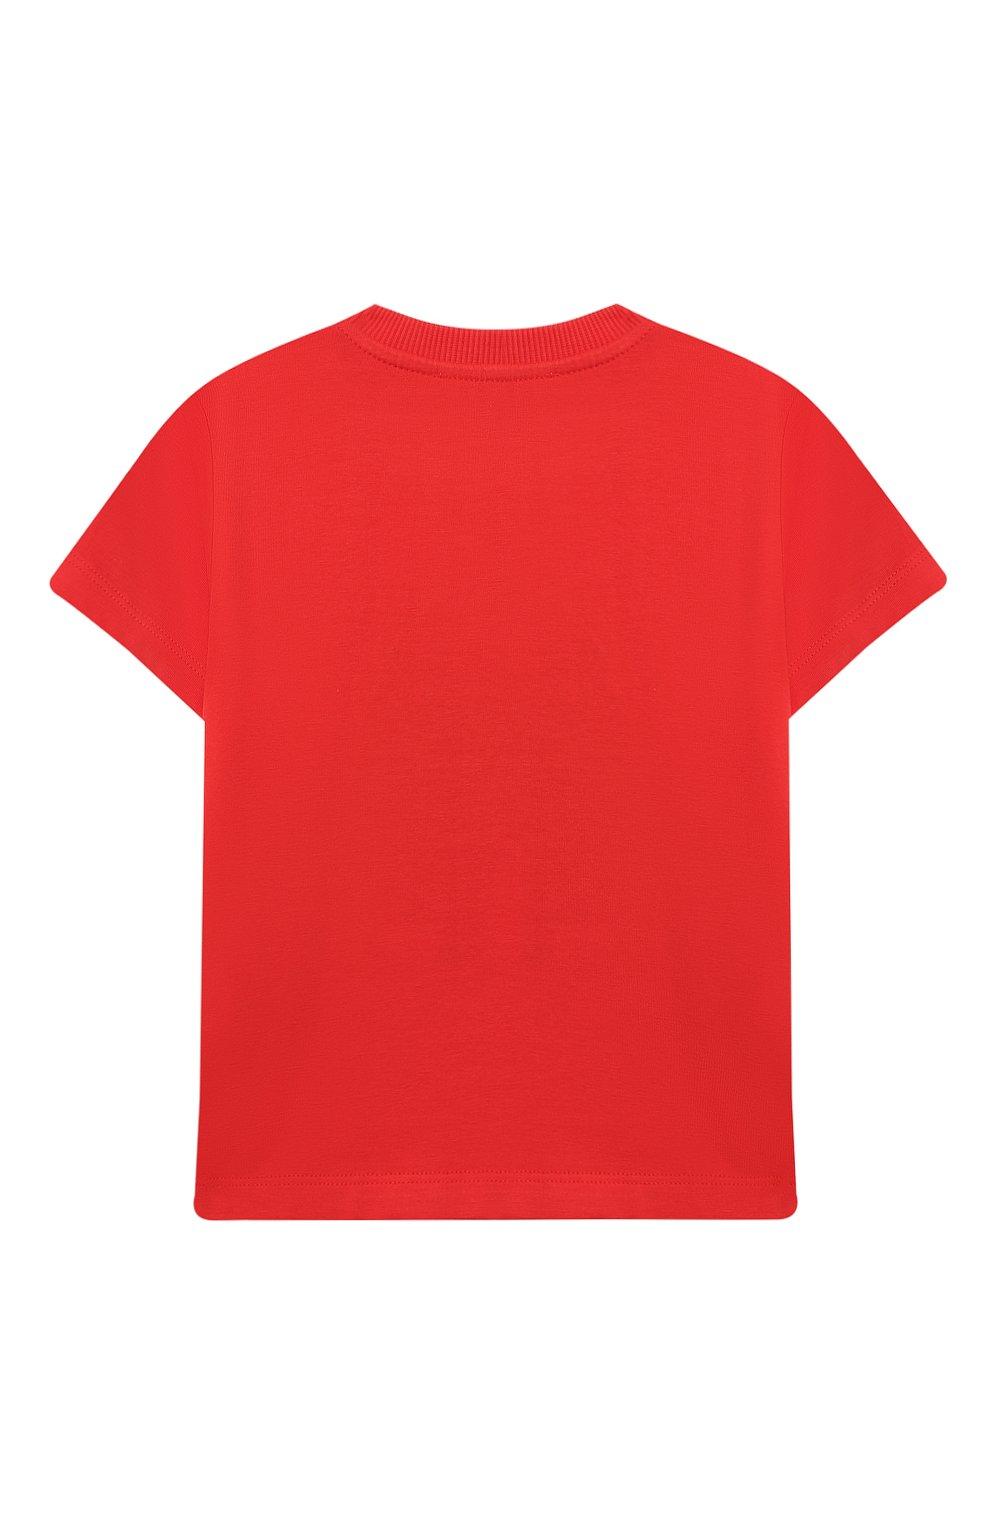 Детский хлопковая футболка MOSCHINO красного цвета, арт. MWM02A/LBA08 | Фото 2 (Рукава: Короткие; Материал внешний: Хлопок; Ростовка одежда: 12 мес | 80 см, 18 мес | 86 см, 24 мес | 92 см, 36 мес | 98 см)